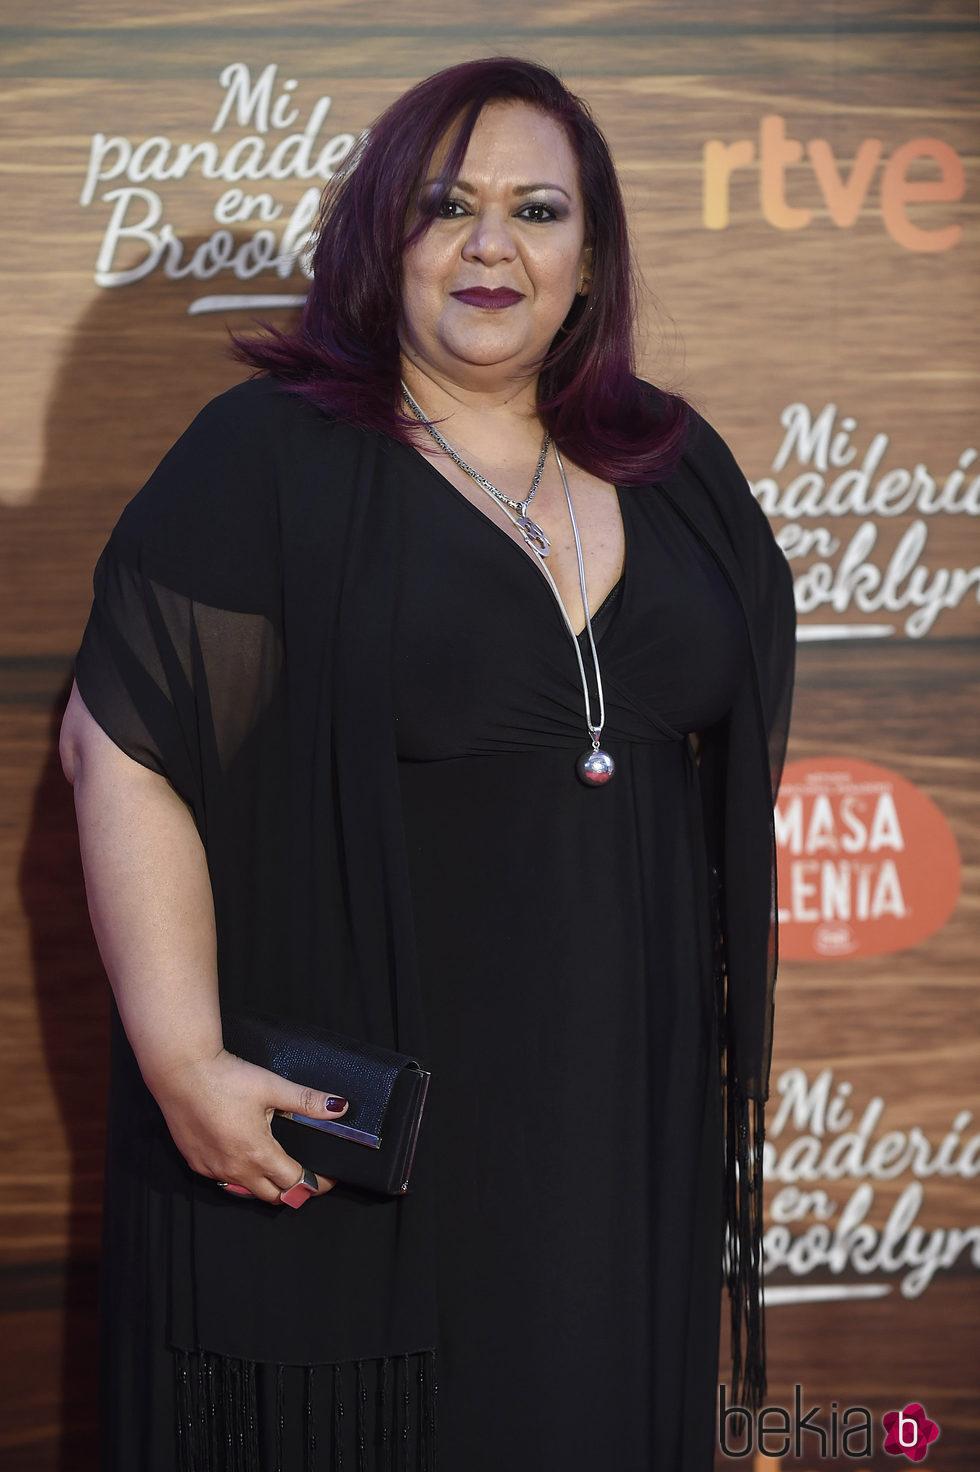 Edith Salazar con el cabello midi y suelto